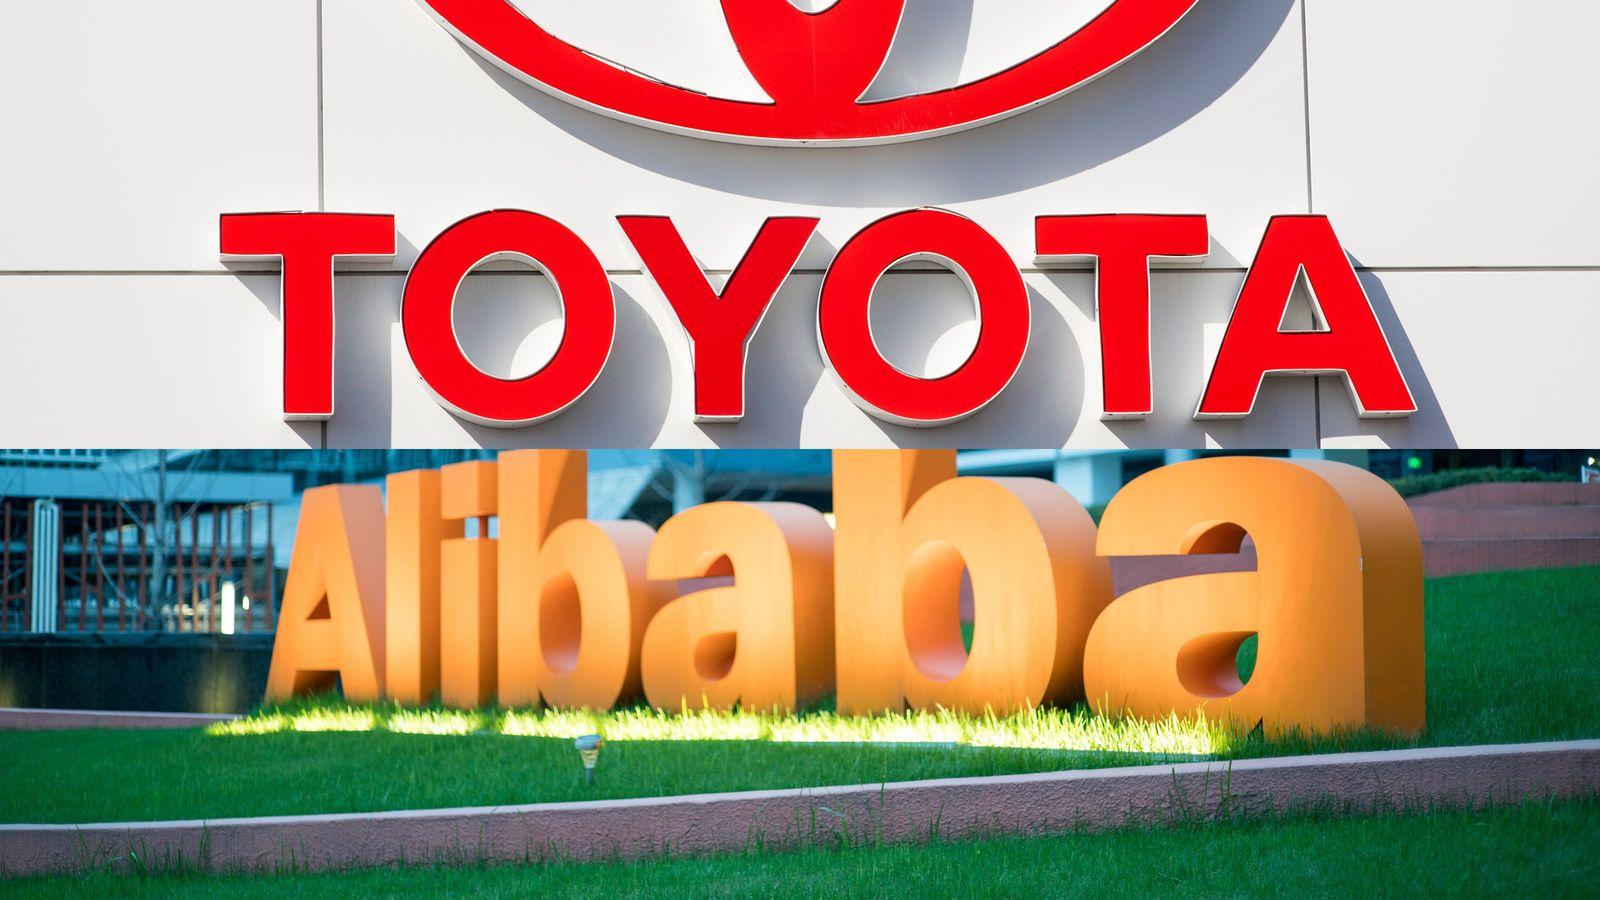 トヨタ社長とアリババ創業者のスピーチに共通する「4つのF」とは 話を盛らずに「失敗談」で共感を得る